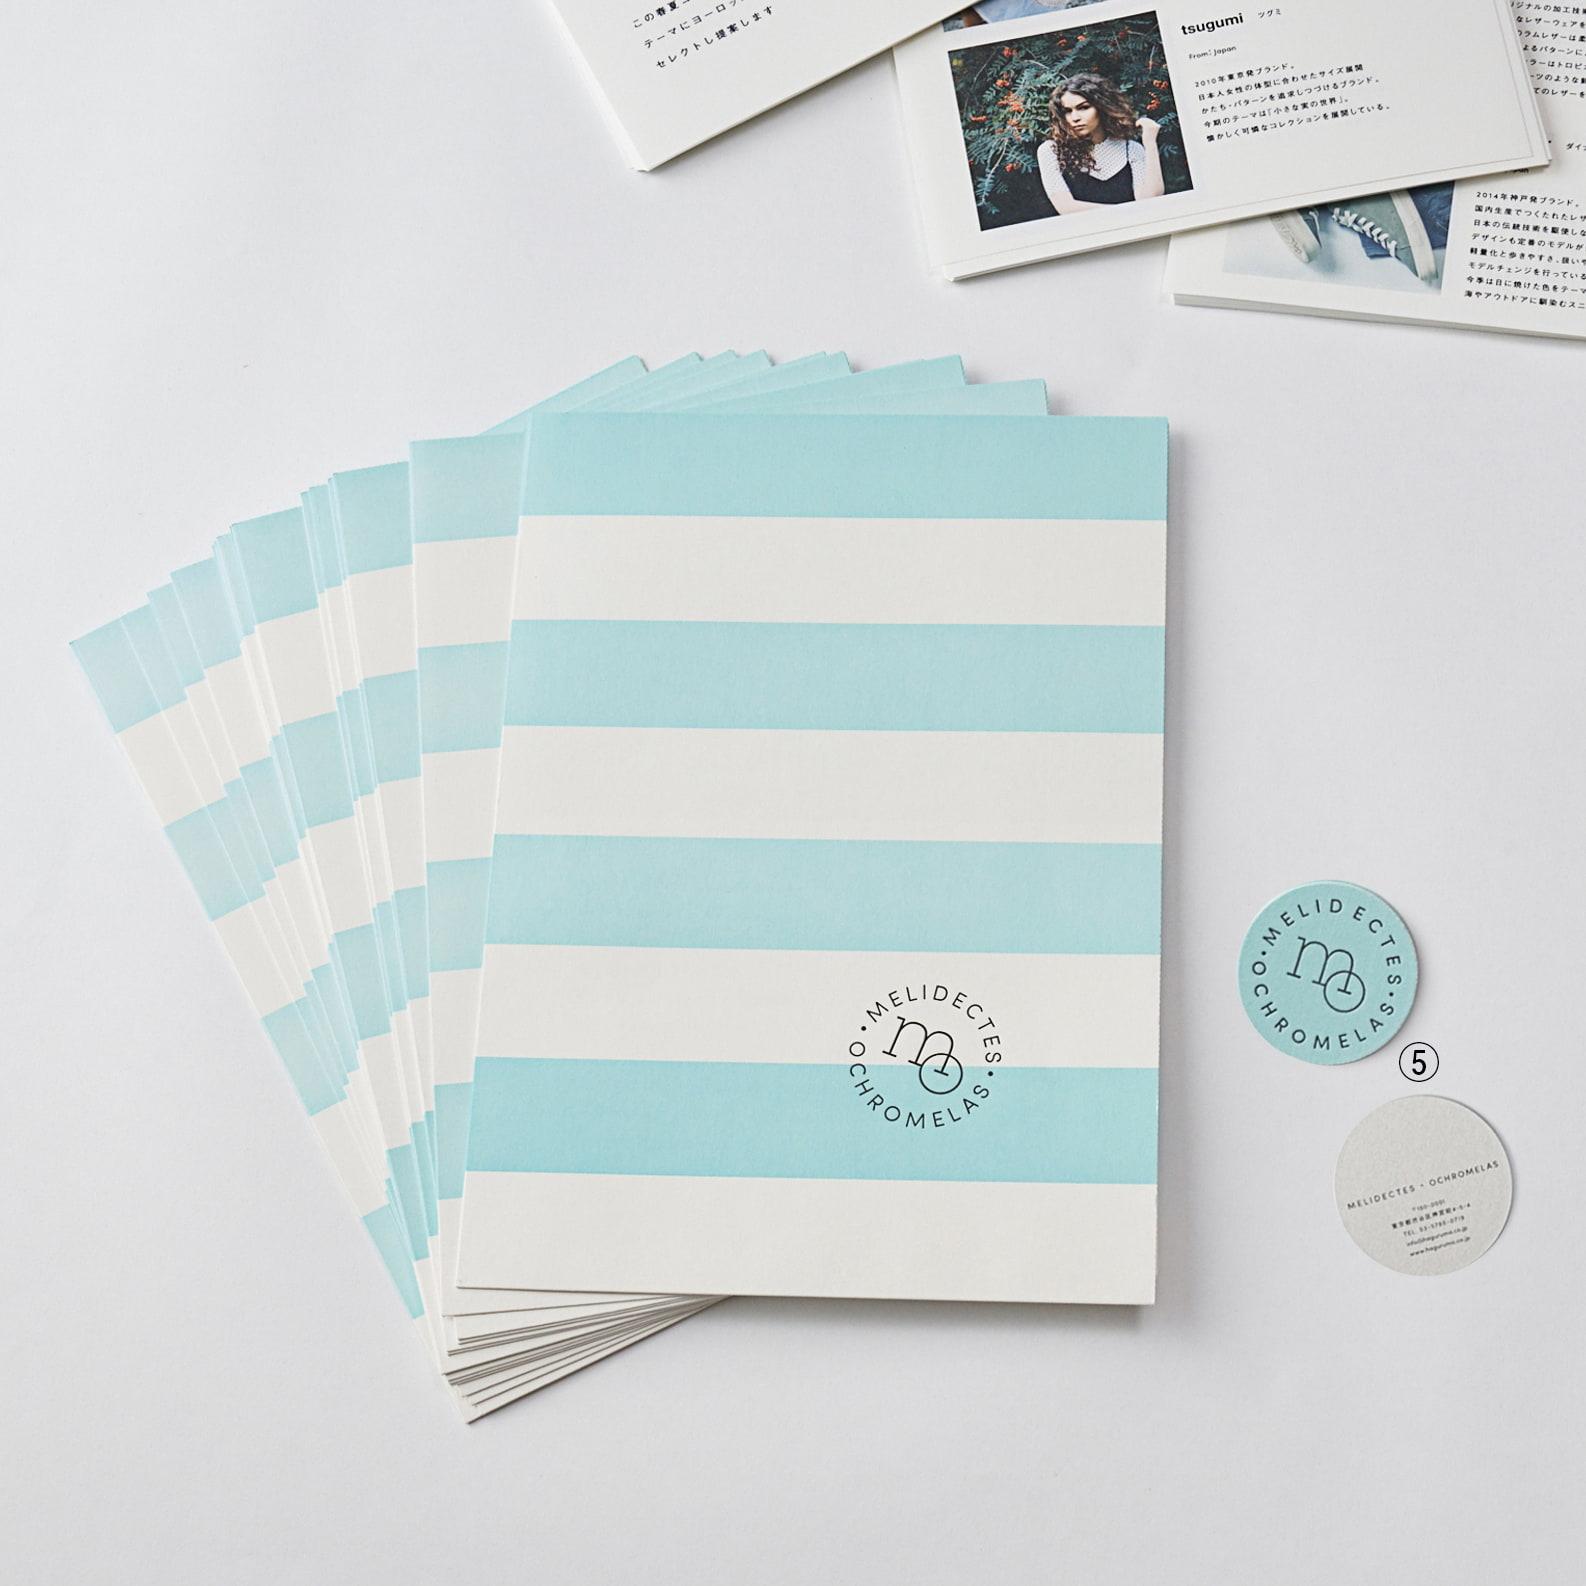 春夏コレクション プレスリリース用ファイル